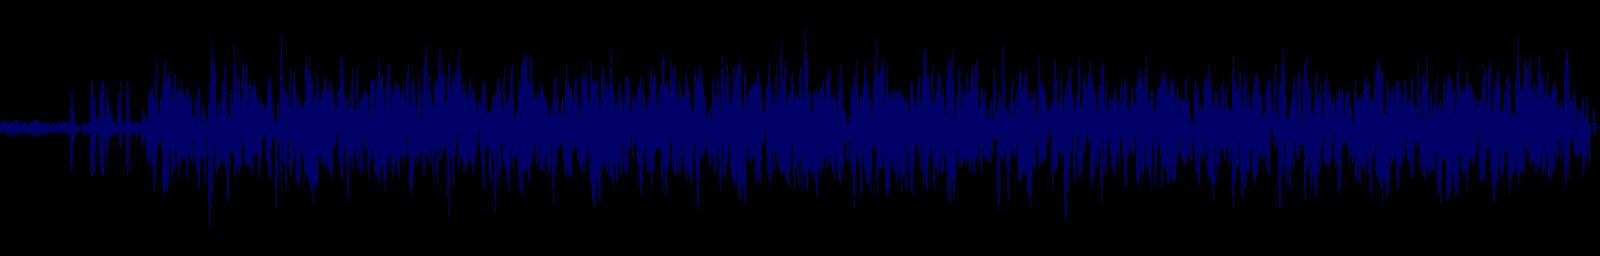 waveform of track #127033